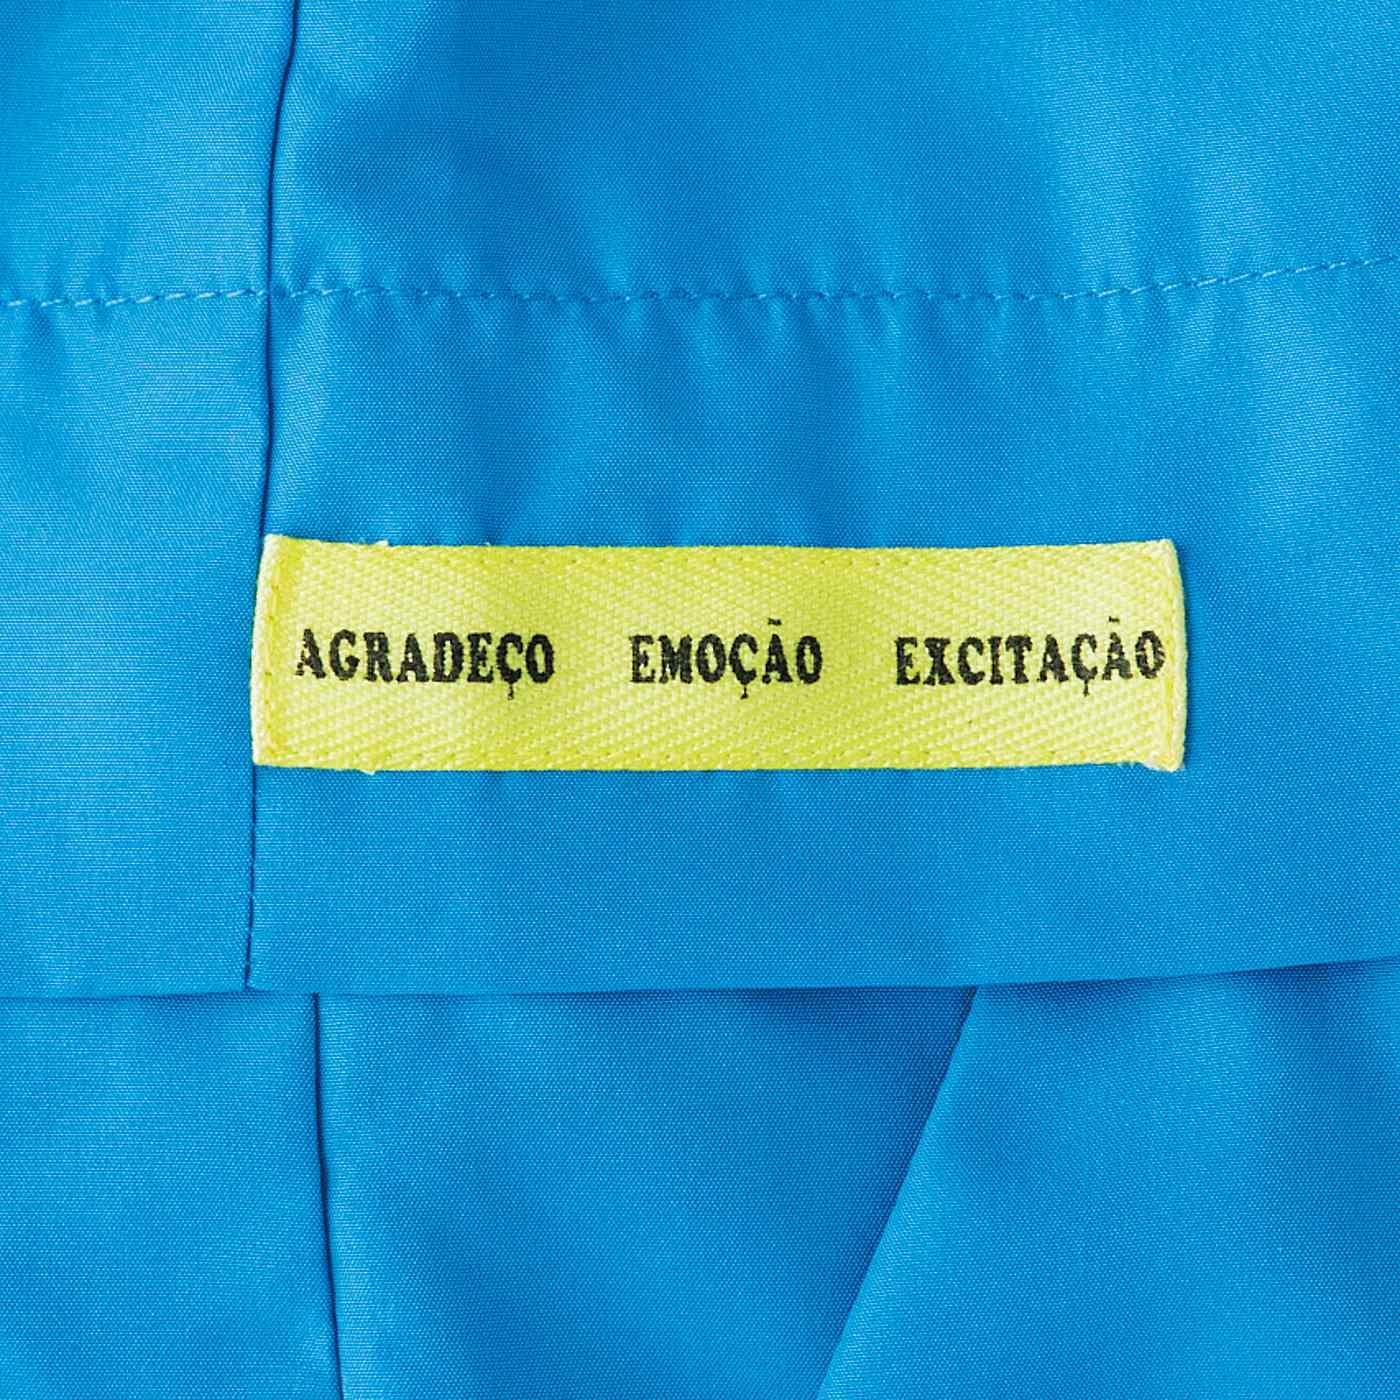 ミサンガのもとになったボンフィンテープに、憲剛選手の座右の銘「感謝 ! 感激 ! 感動 ! 」をポルトガル語で表現。